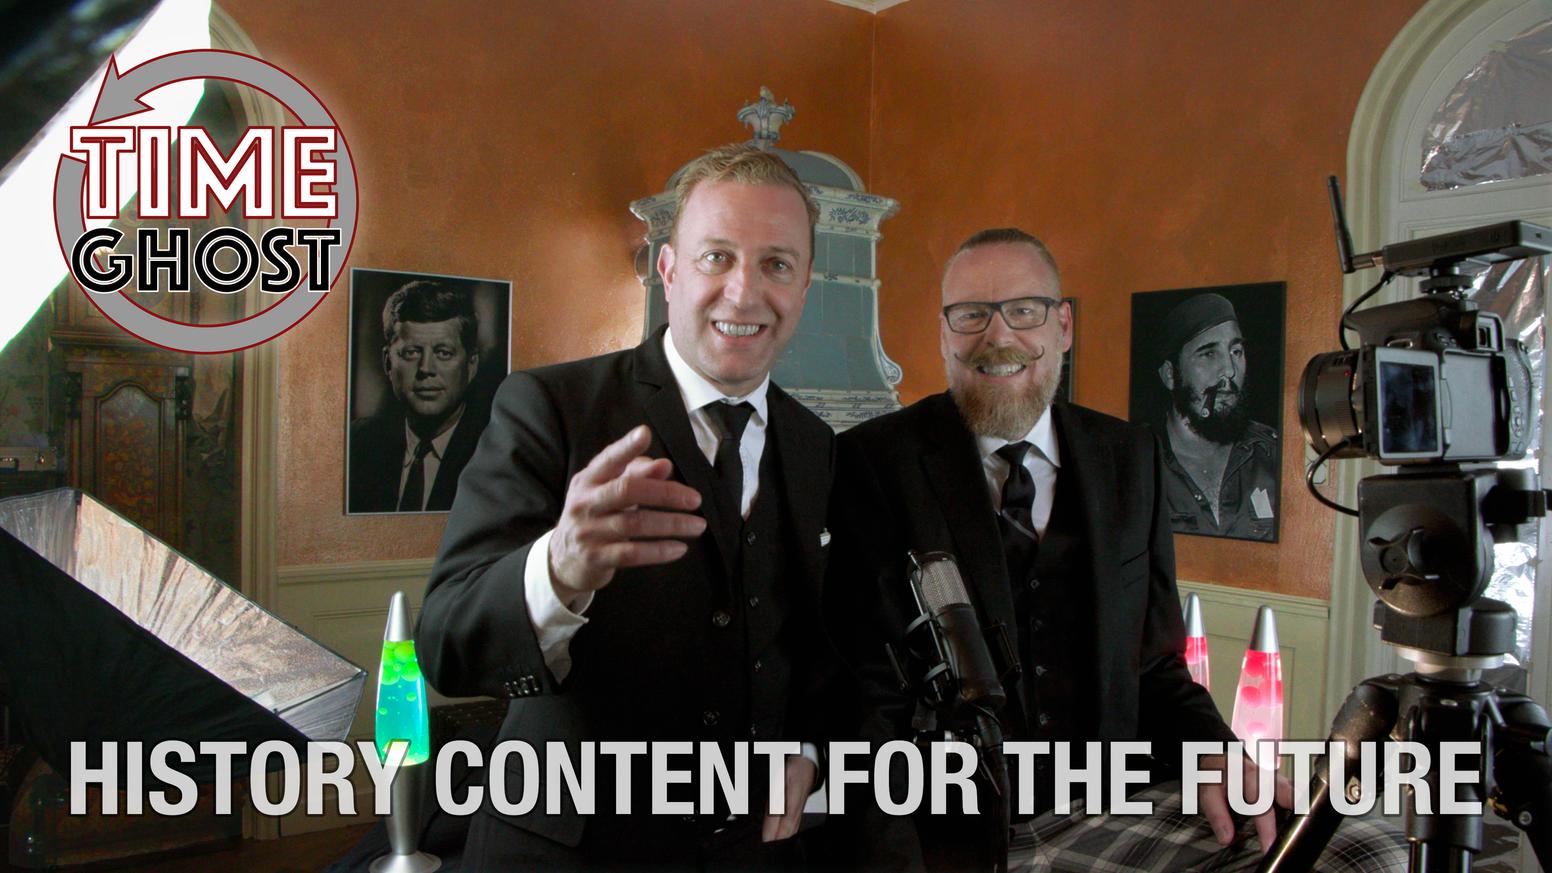 serie,documentaire,youtube,histoire,premiere guerre mondiale,seconde guerre mondiale